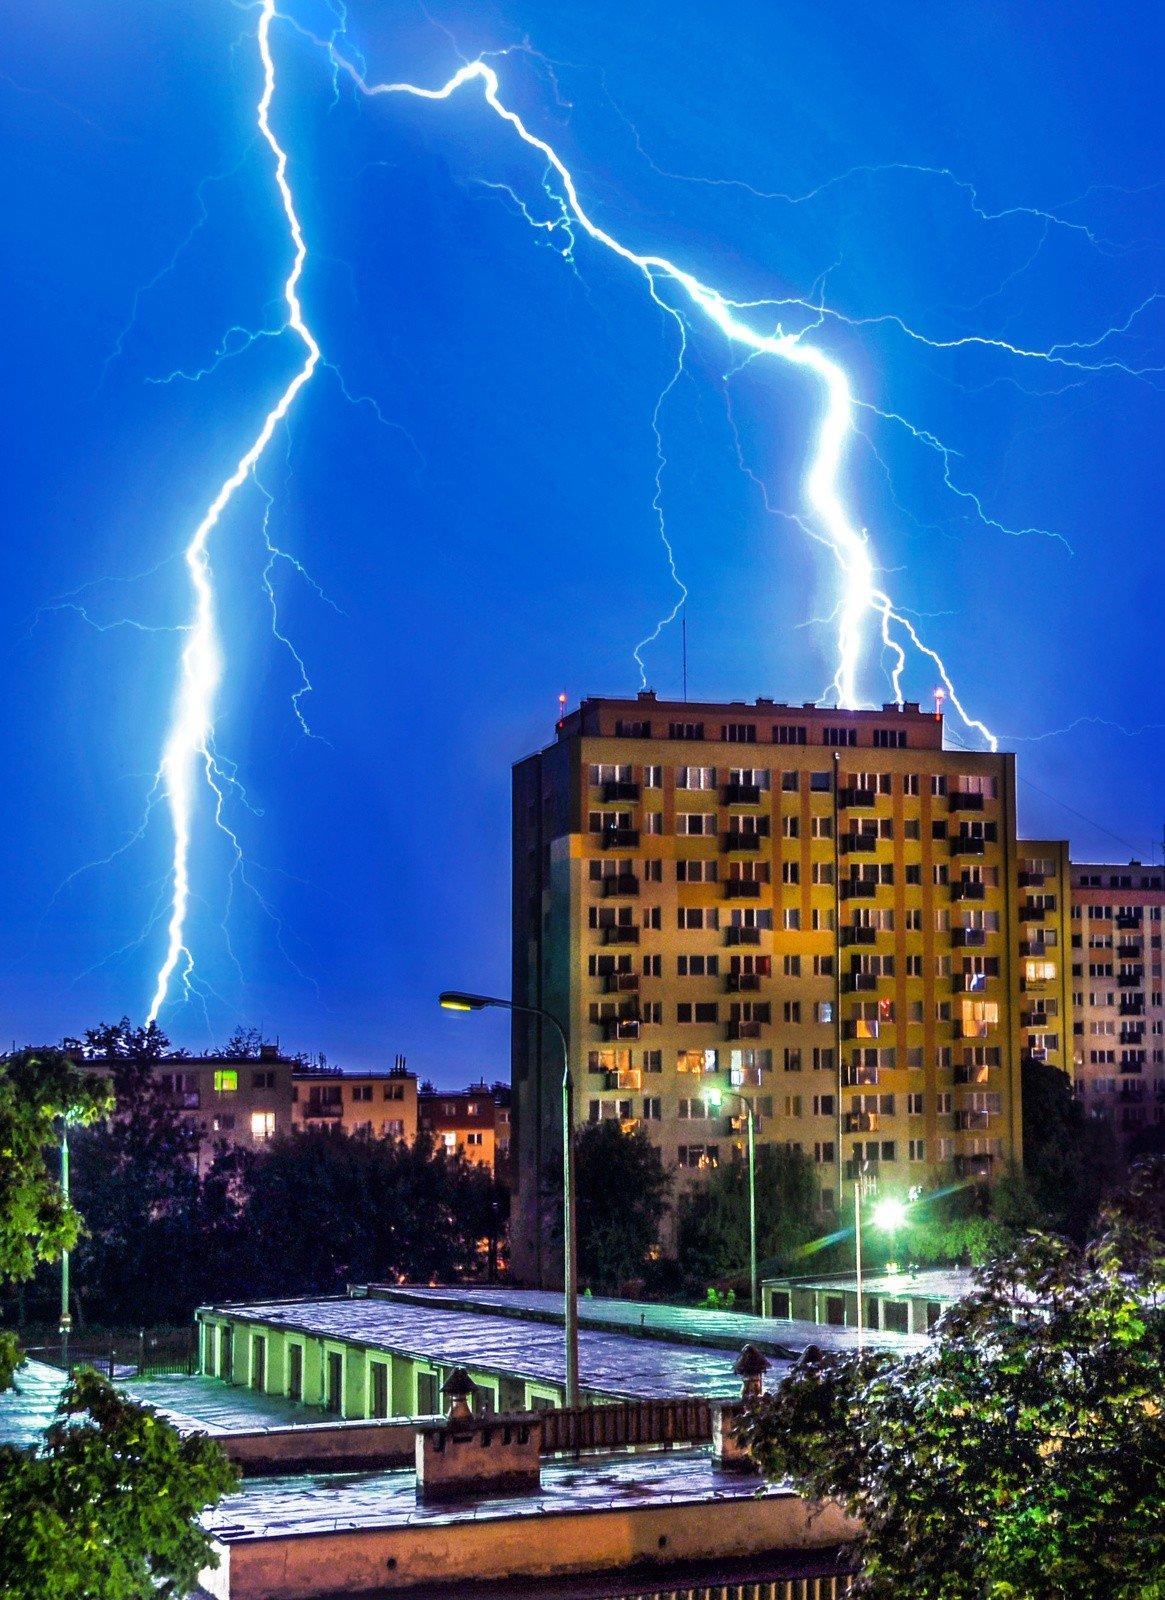 Gdzie jest burza? Mapa burzowa online [RADAR LIVE, BURZA ...